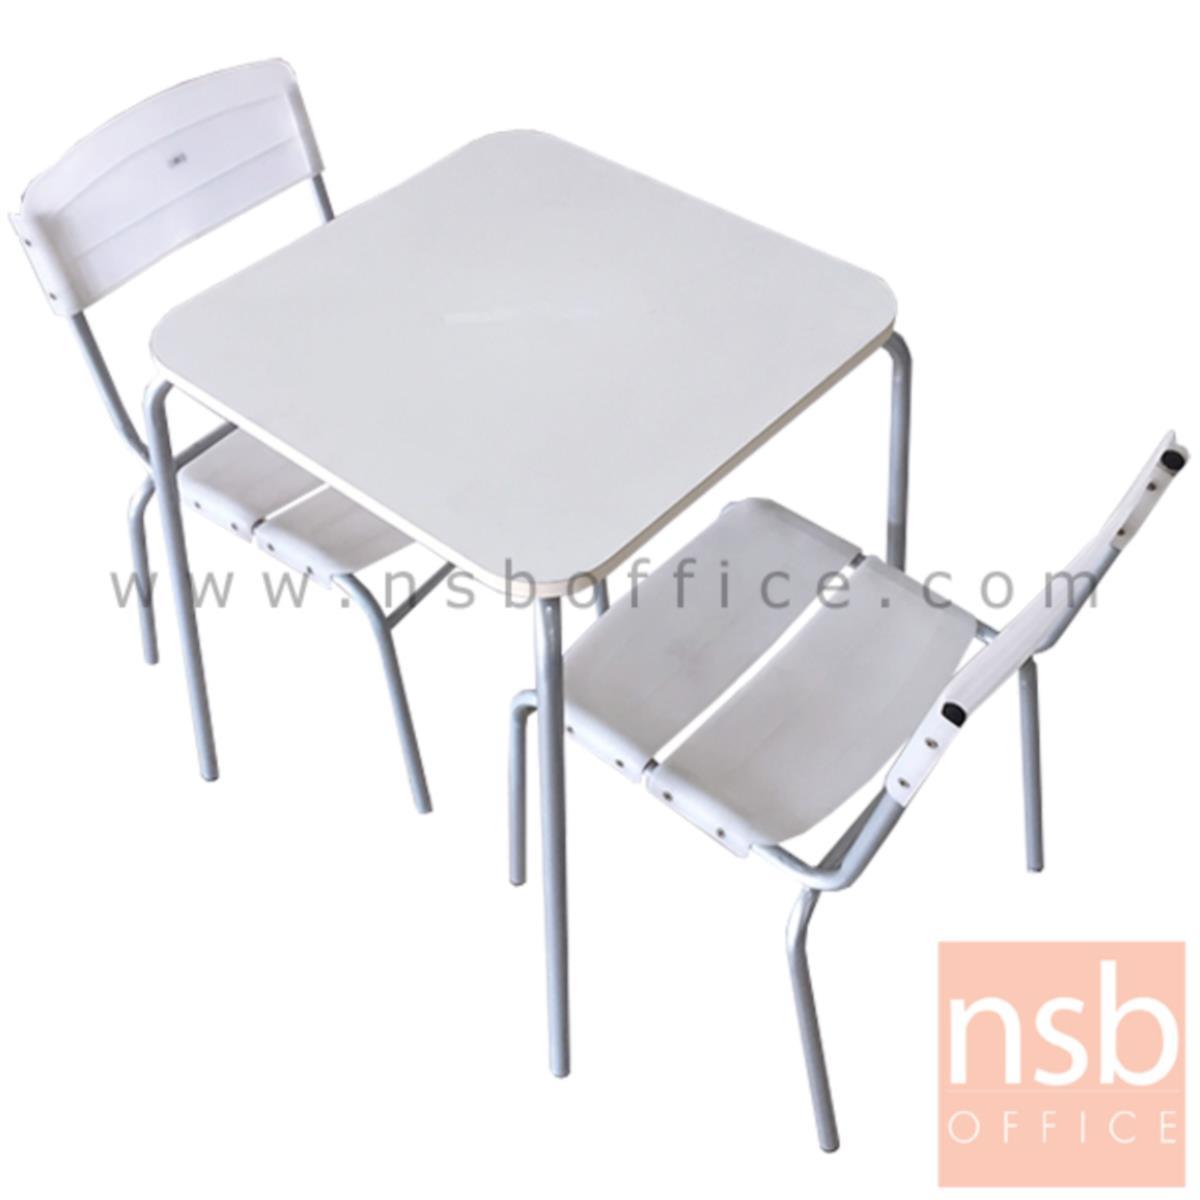 L10A186:ชุดโต๊ะ 2 ที่นั่ง  ขนาด 60W cm. พร้อมเก้าอี้